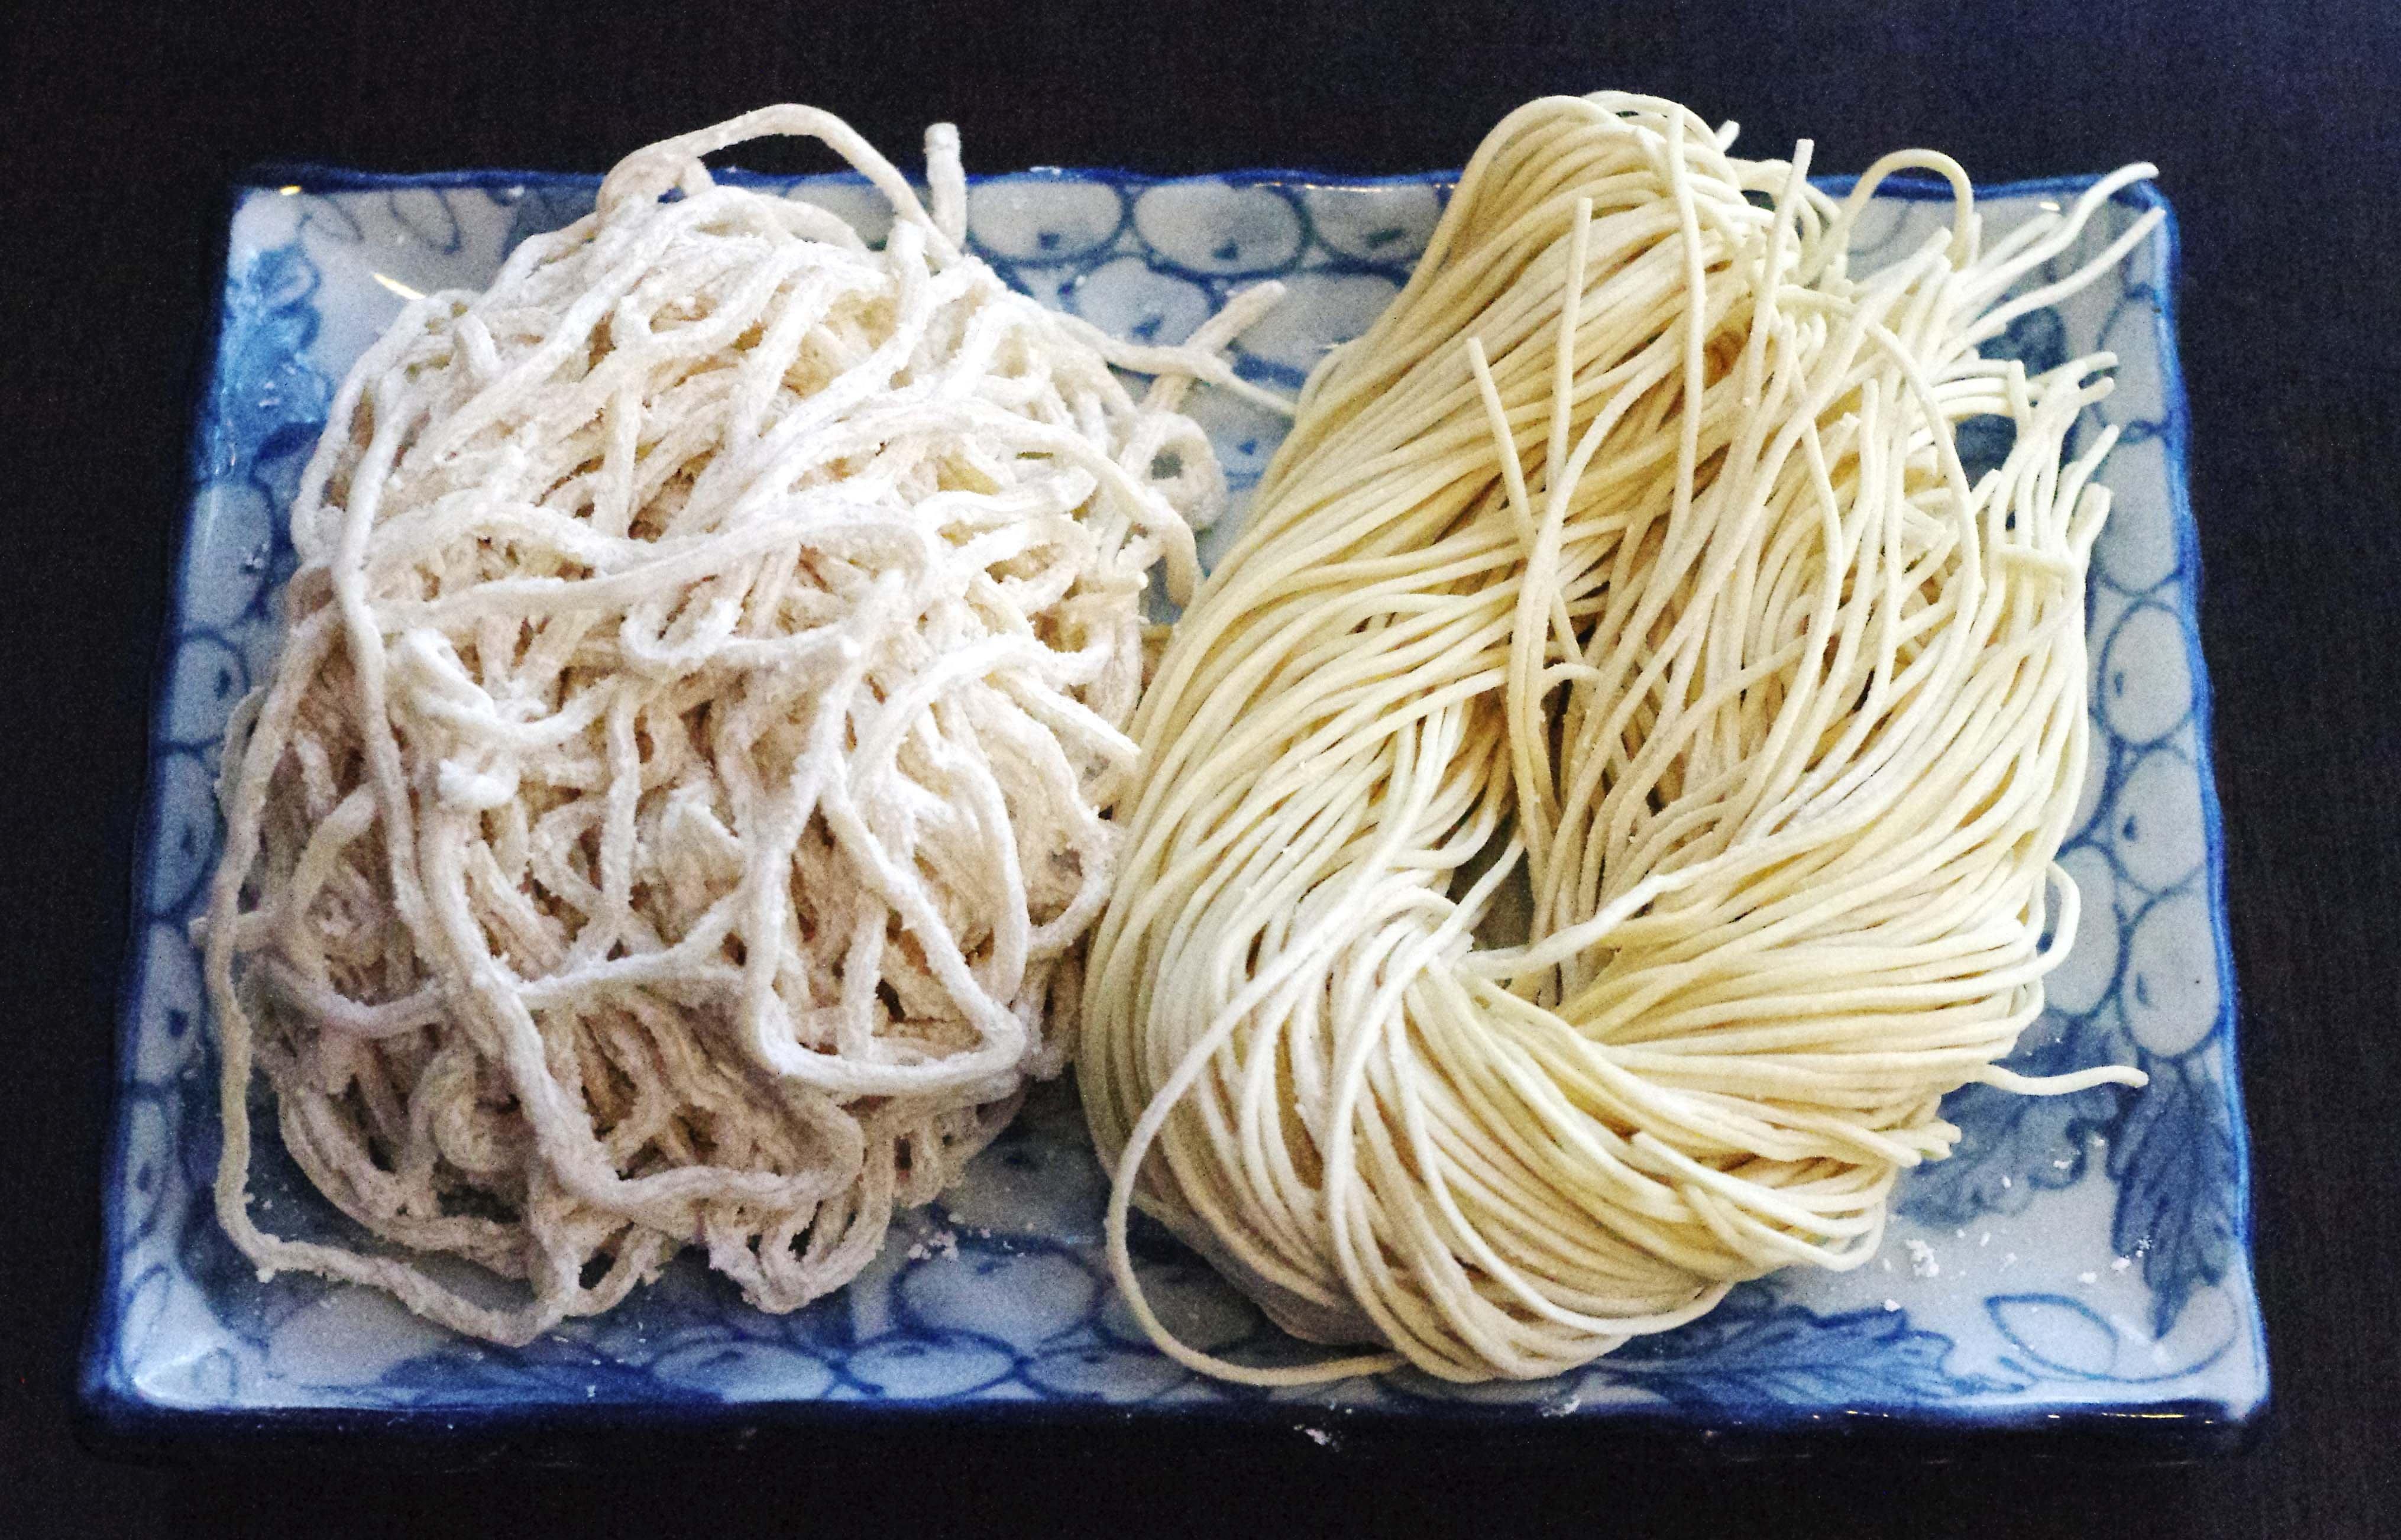 日本冠軍拉麵 日本拉麵條 買10送1份  ,每份20元 (可選粗麵或細麵)